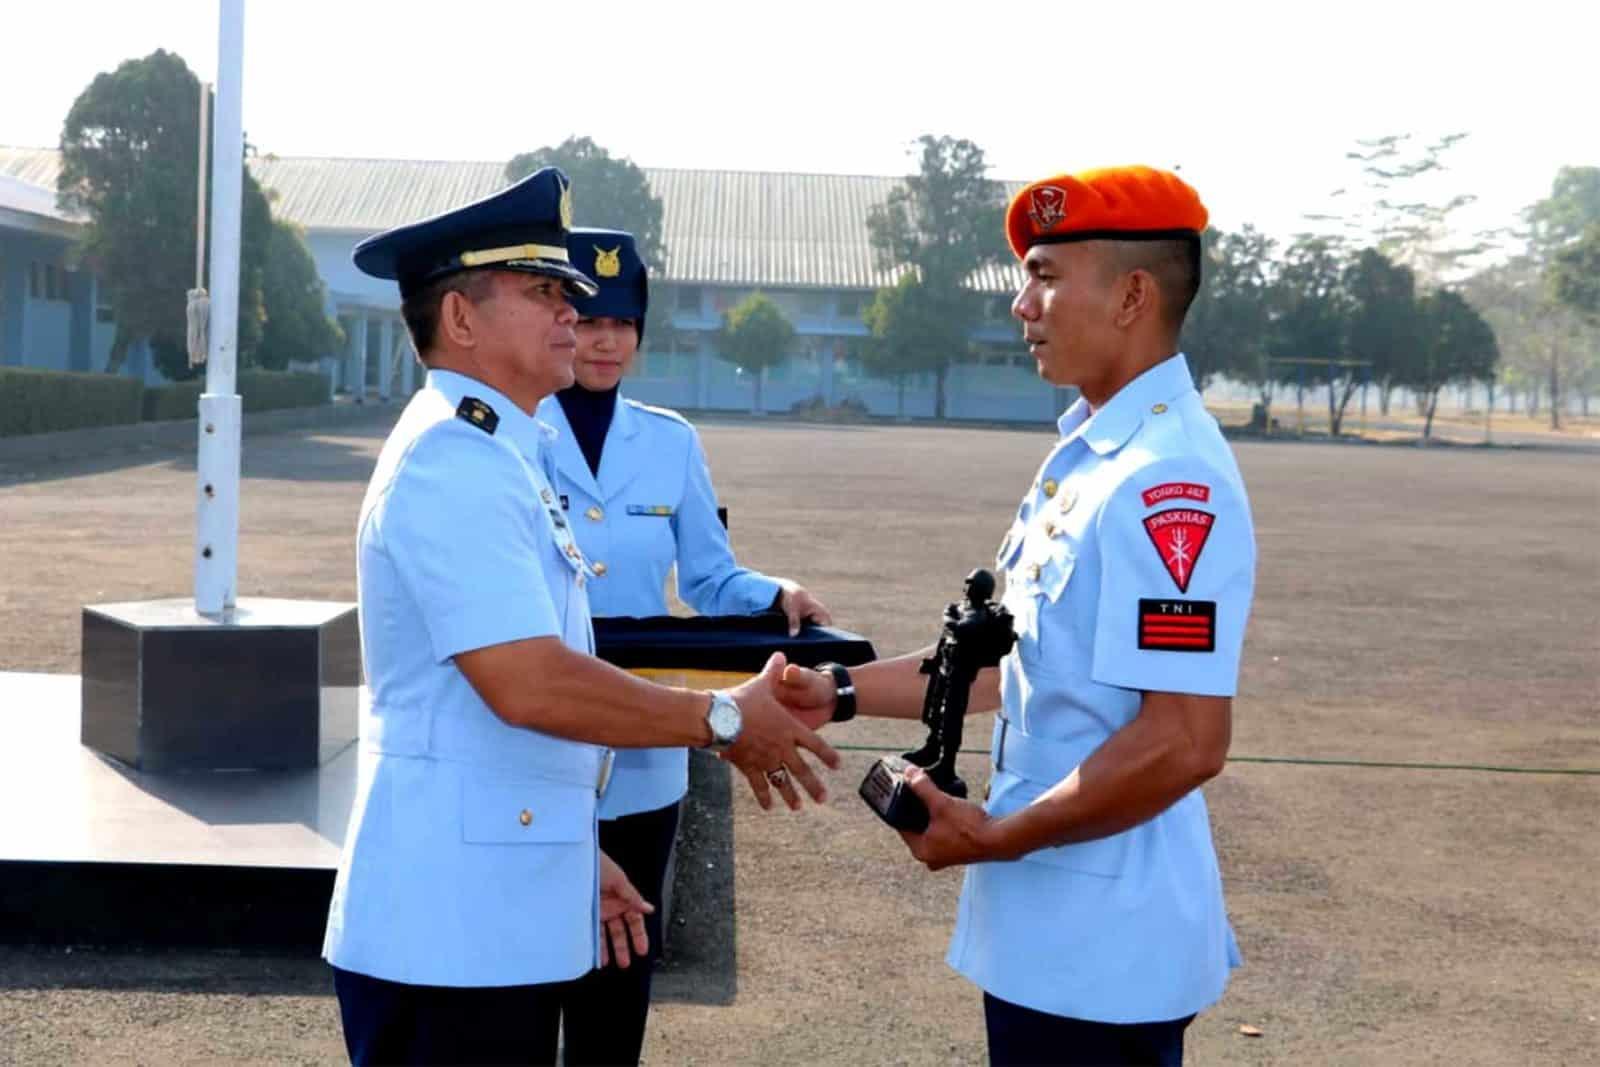 Prajurit Yonko 462 Paskhas Raih Siswa Terbaik Pendidikan Susjurlata A. 48 Ta. 2019